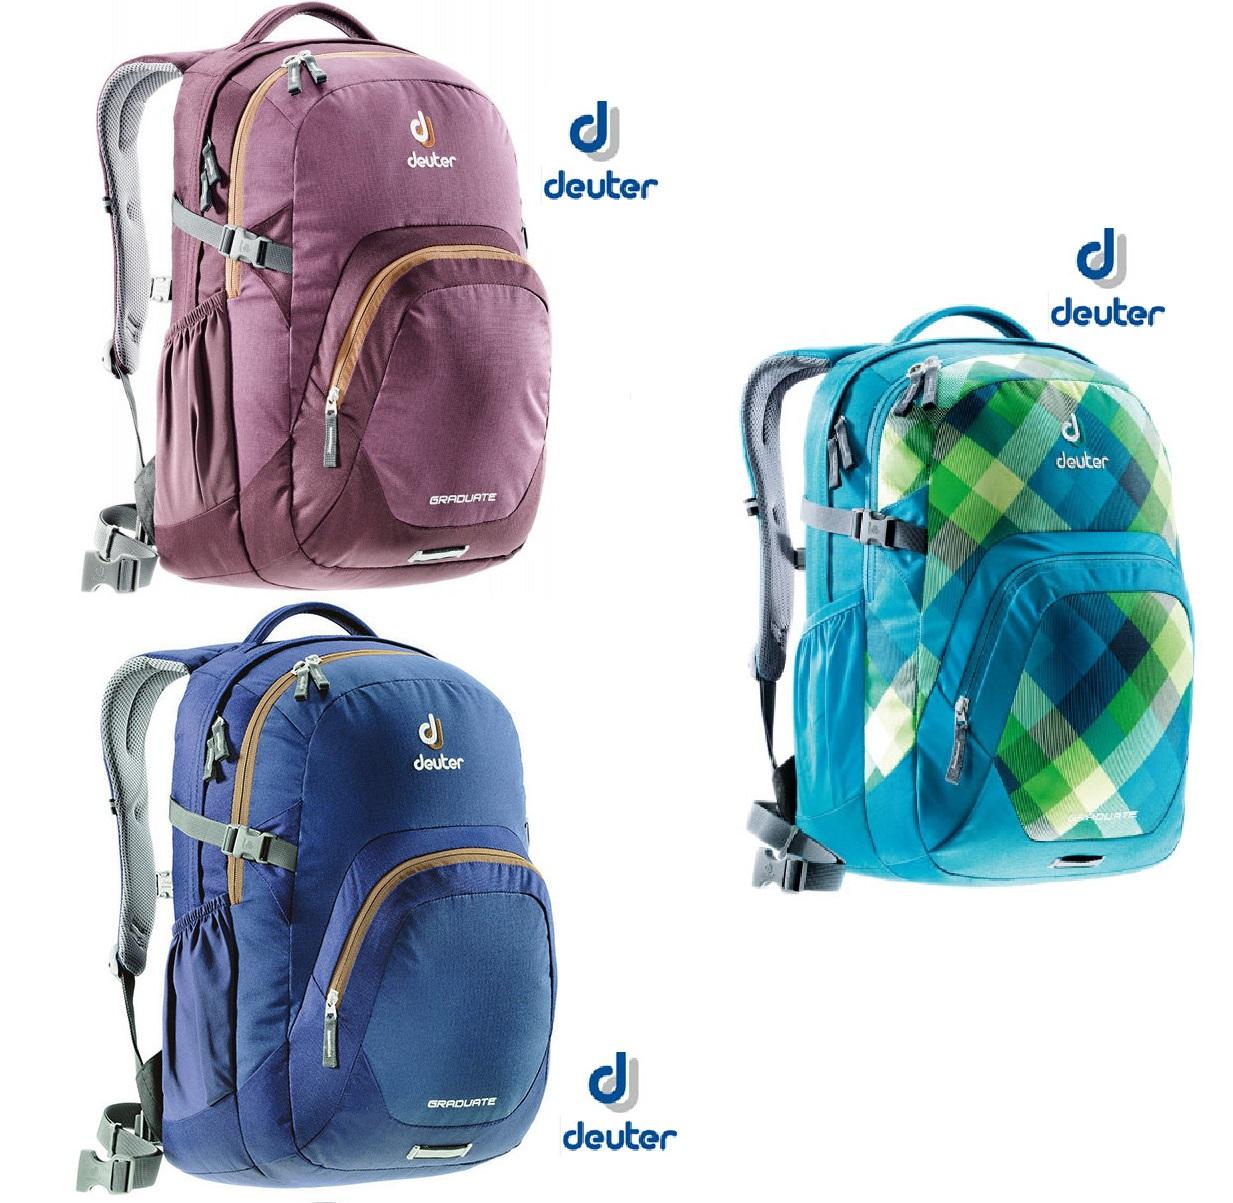 【露營趣】中和 送贈品 Deuter 80232 GRADUATE休閒背包28L/登山背包/自助旅行包